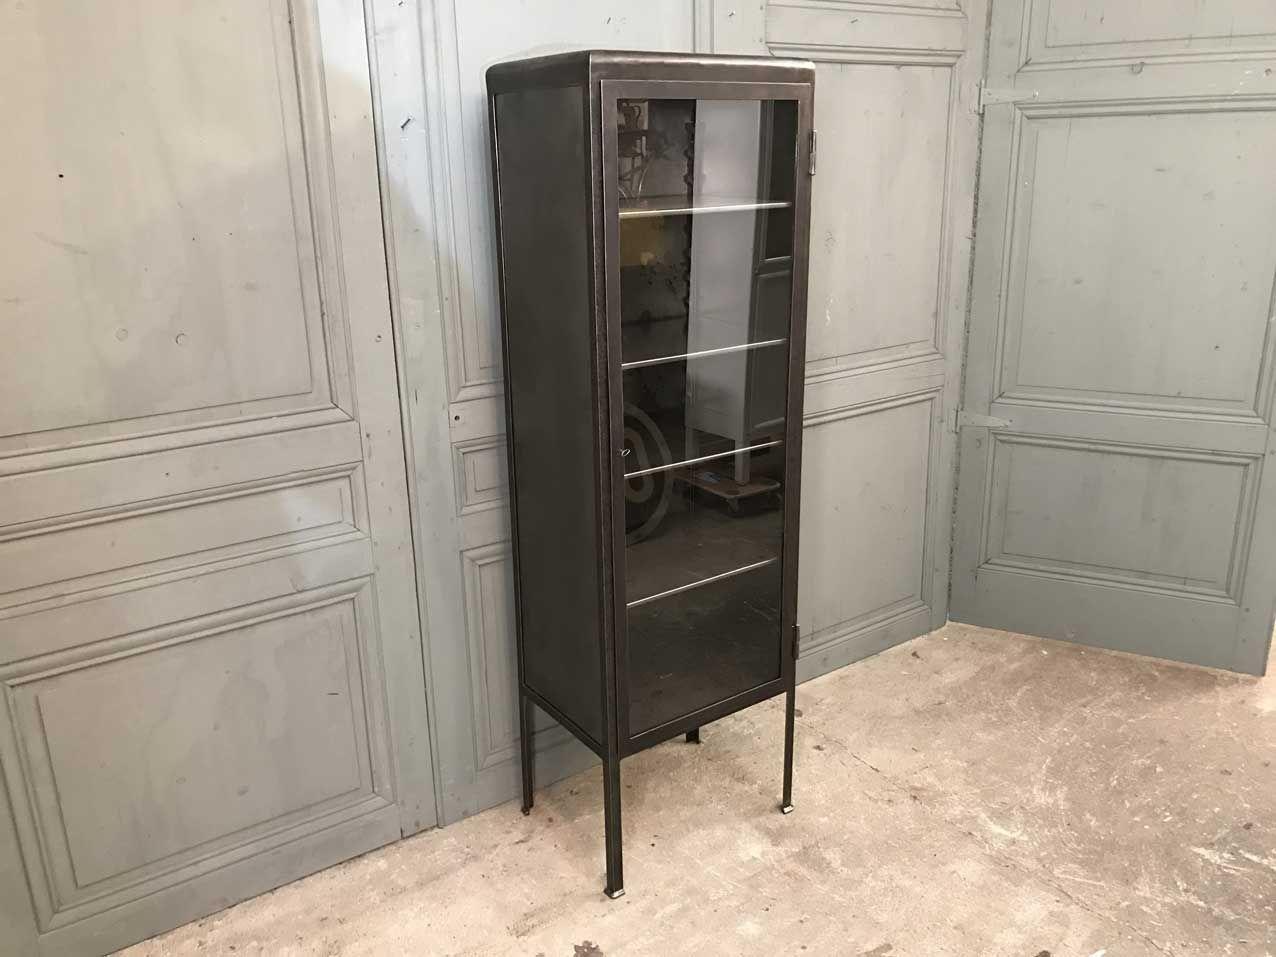 petit meuble m dicaments vitrine 1950s en vente sur pamono. Black Bedroom Furniture Sets. Home Design Ideas